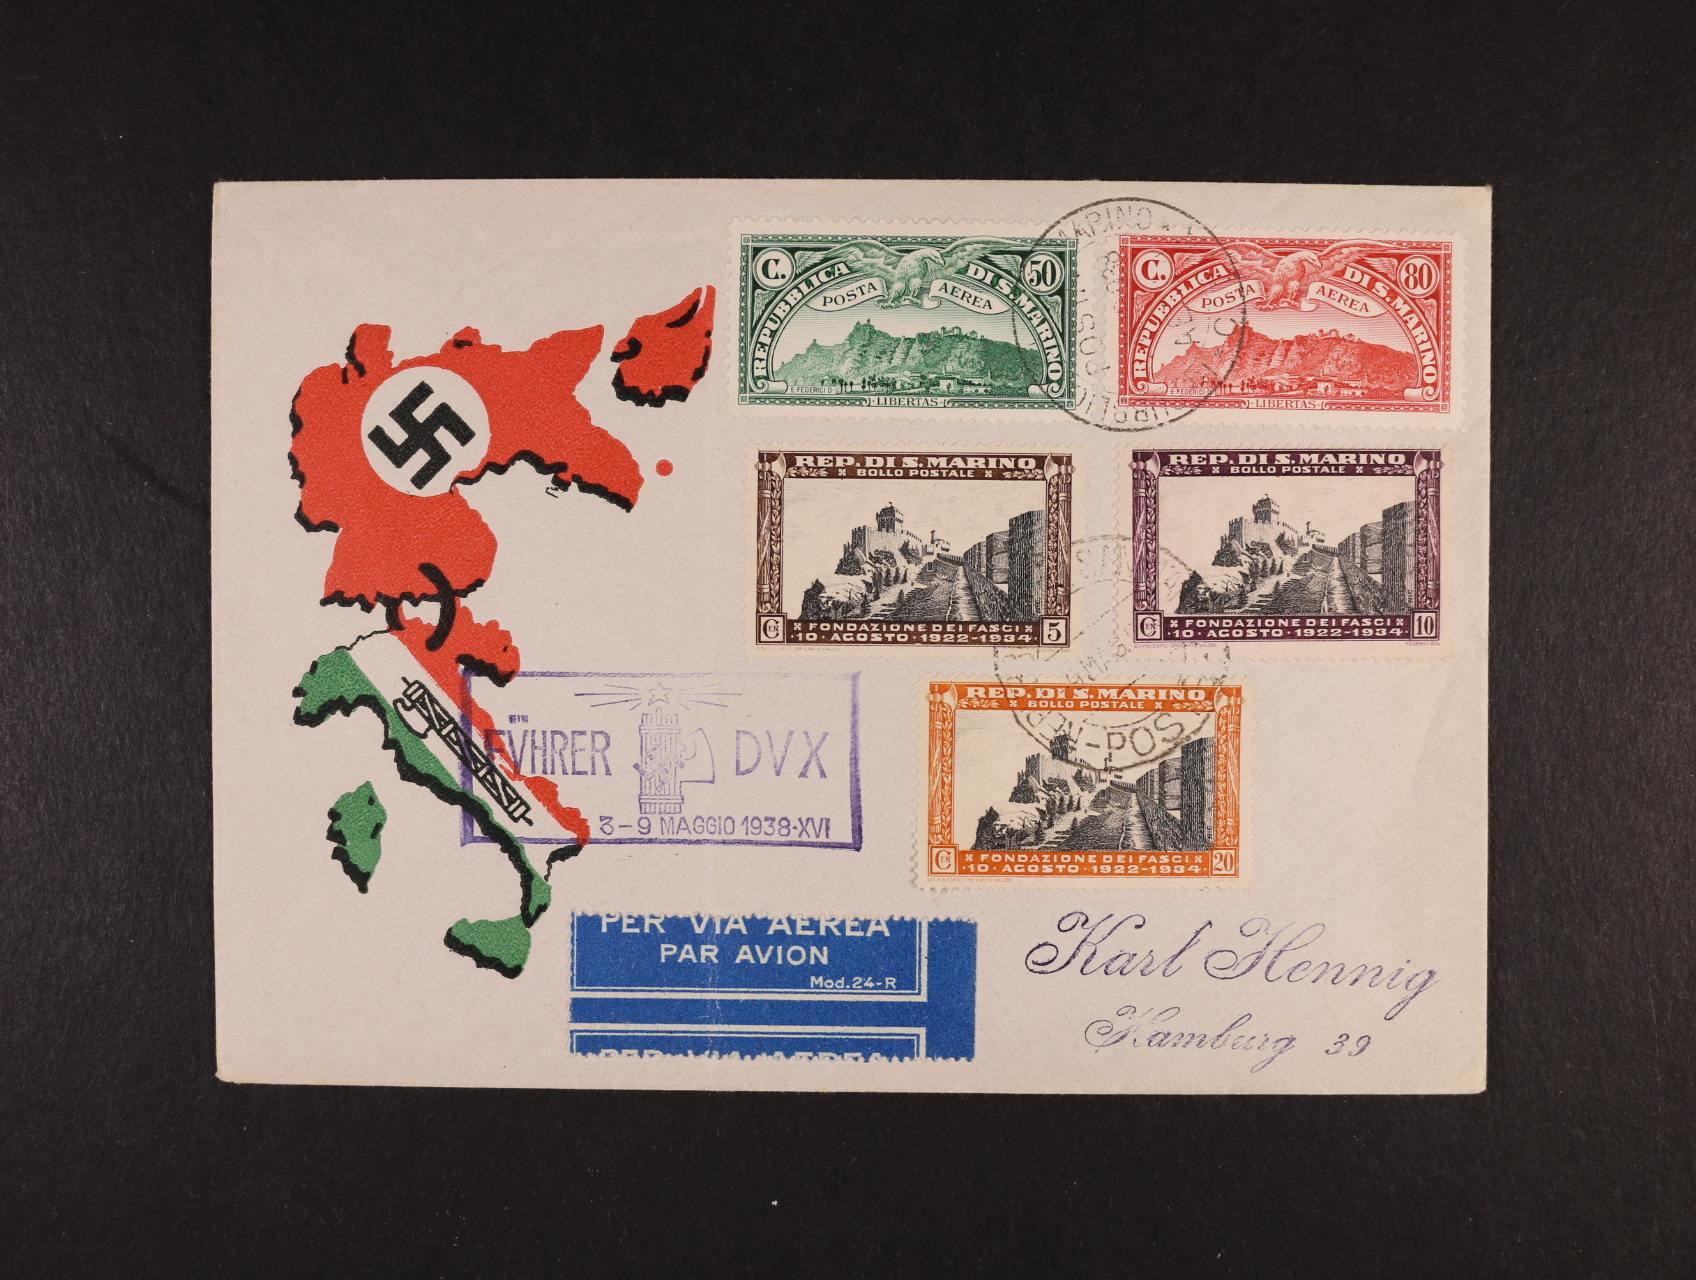 let. dopis do Hamburku frank. zn. Mi. č. 166 - 6, 208 - 10, pod. raz. SAN MARINO 9.3.38 + fialový rámeč. kašet FÜHRER DVX  3- 9 MAGGIO 1939 - XVI, dobrý stav